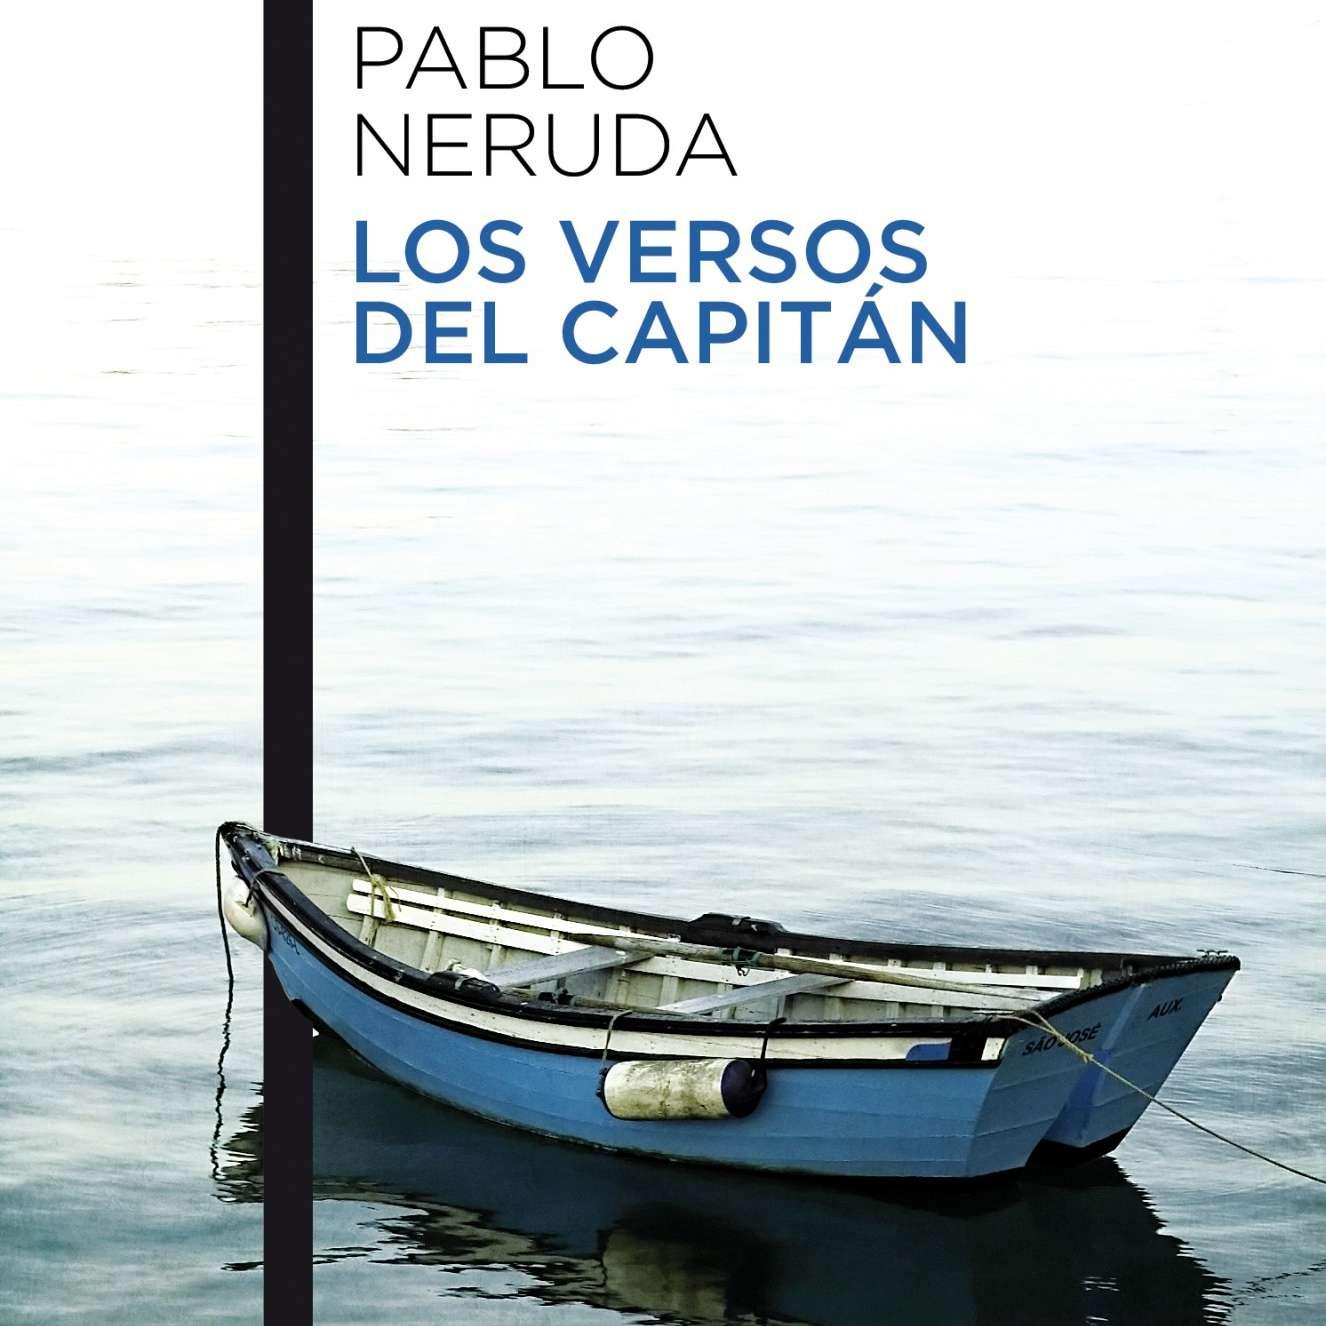 Los versos del capitan de Pablo Neruda